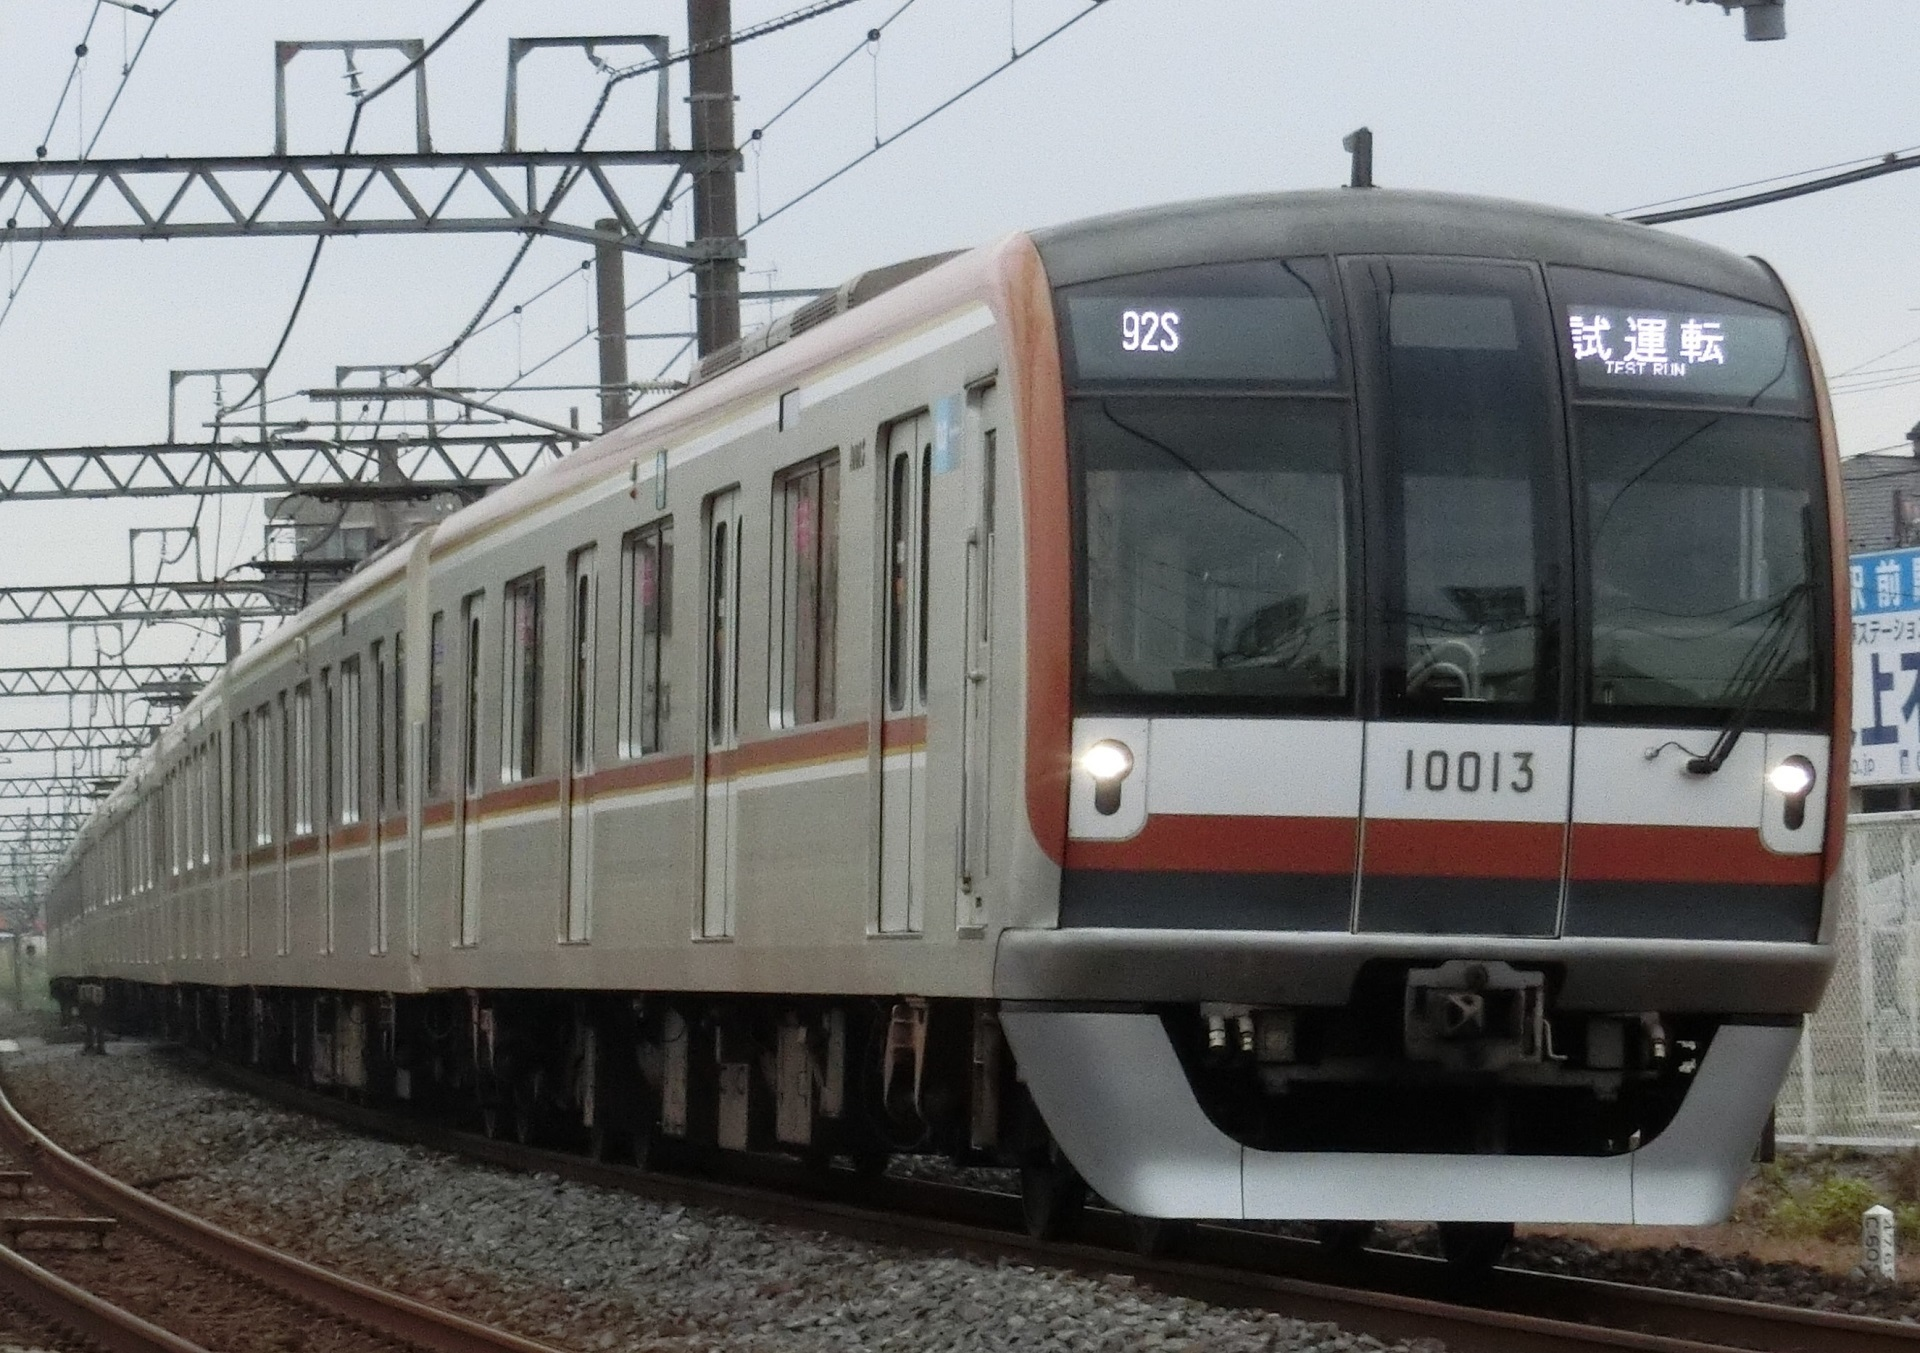 CIMG4652 - コピー